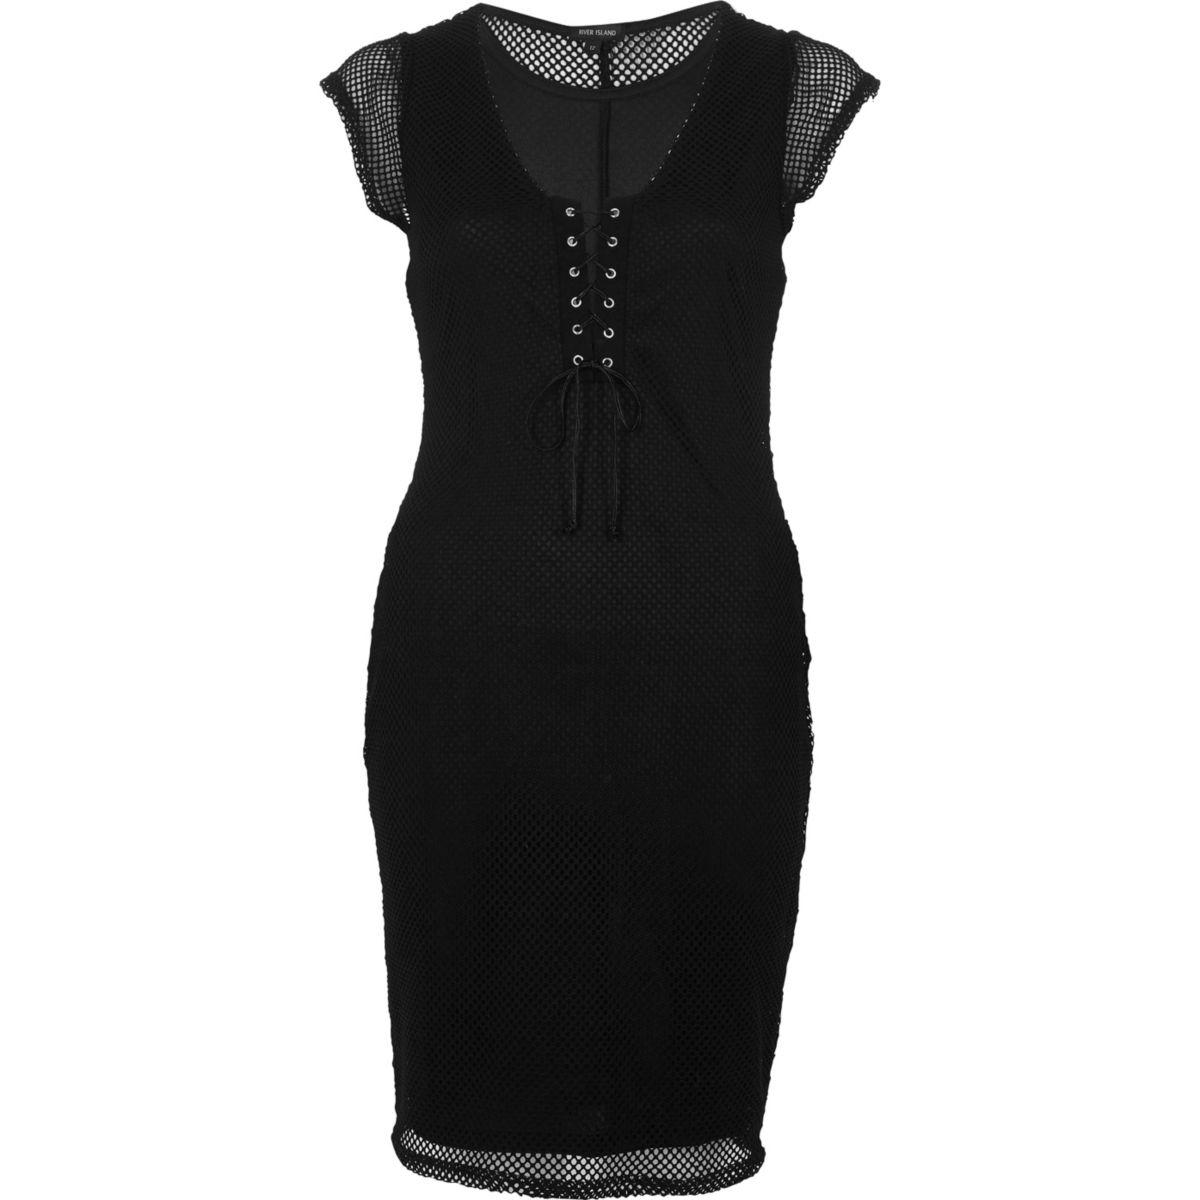 Zwart jurk van mesh met corsetsluiting voor